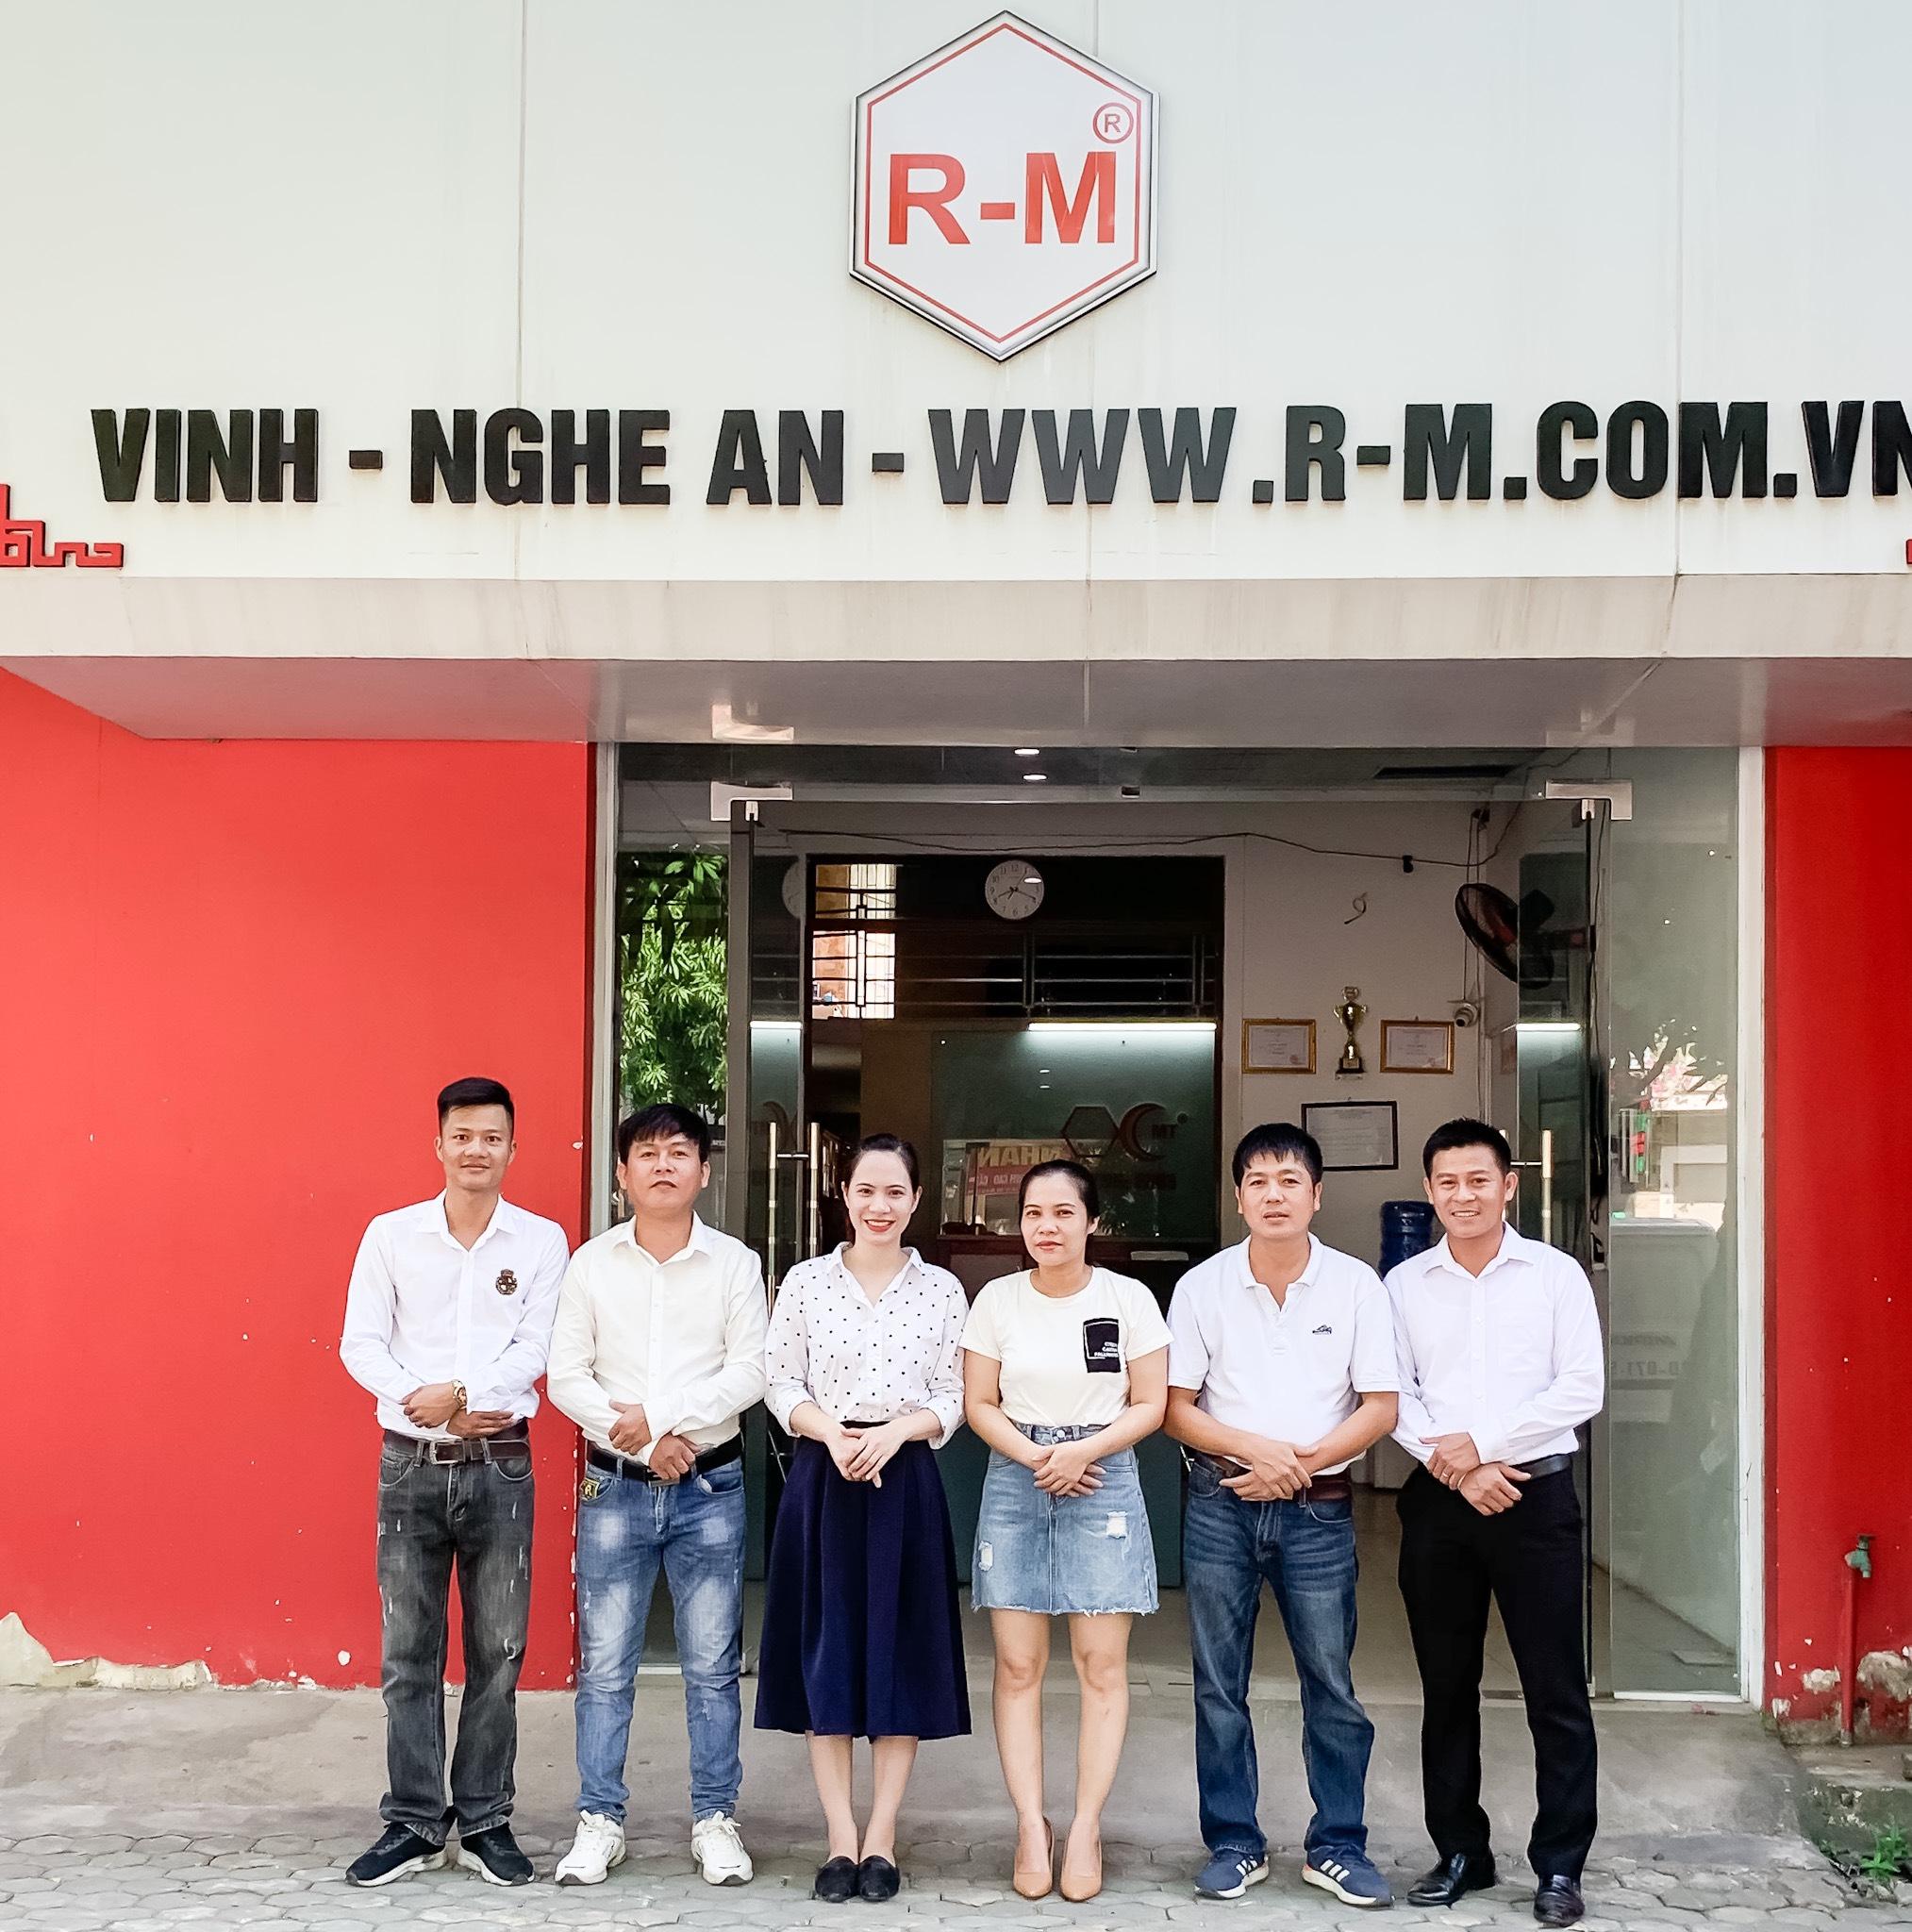 anh_nhan_vien_cn_vinh.jpg